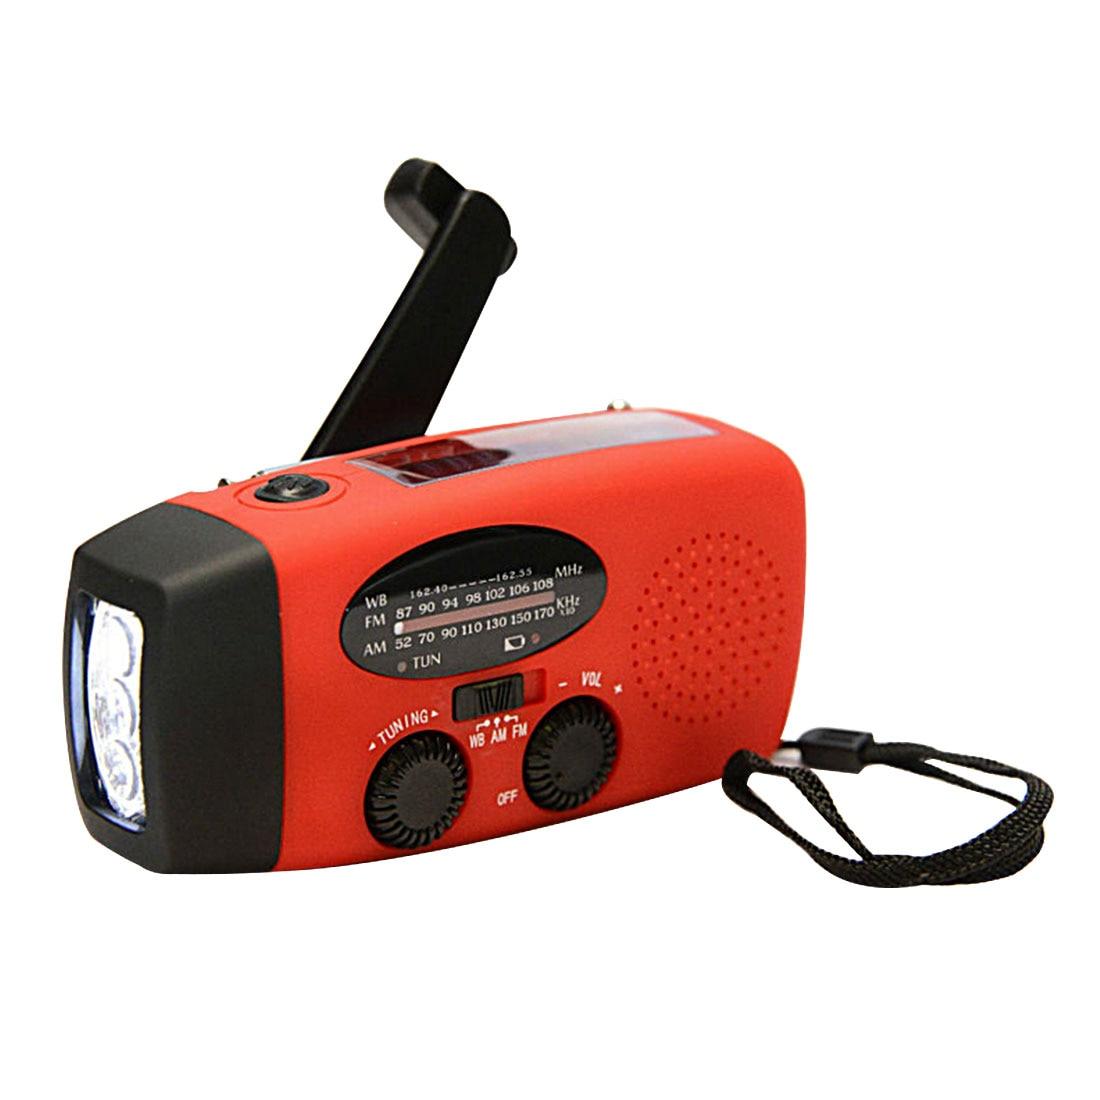 Unterhaltungselektronik Marsnaska Solar Radio Handkurbel Self Powered Handy-ladegerät 3 Led-taschenlampe Am/fm/wb Radio Wasserdicht Notfall überleben Rot Kataloge Werden Auf Anfrage Verschickt Tragbares Audio & Video